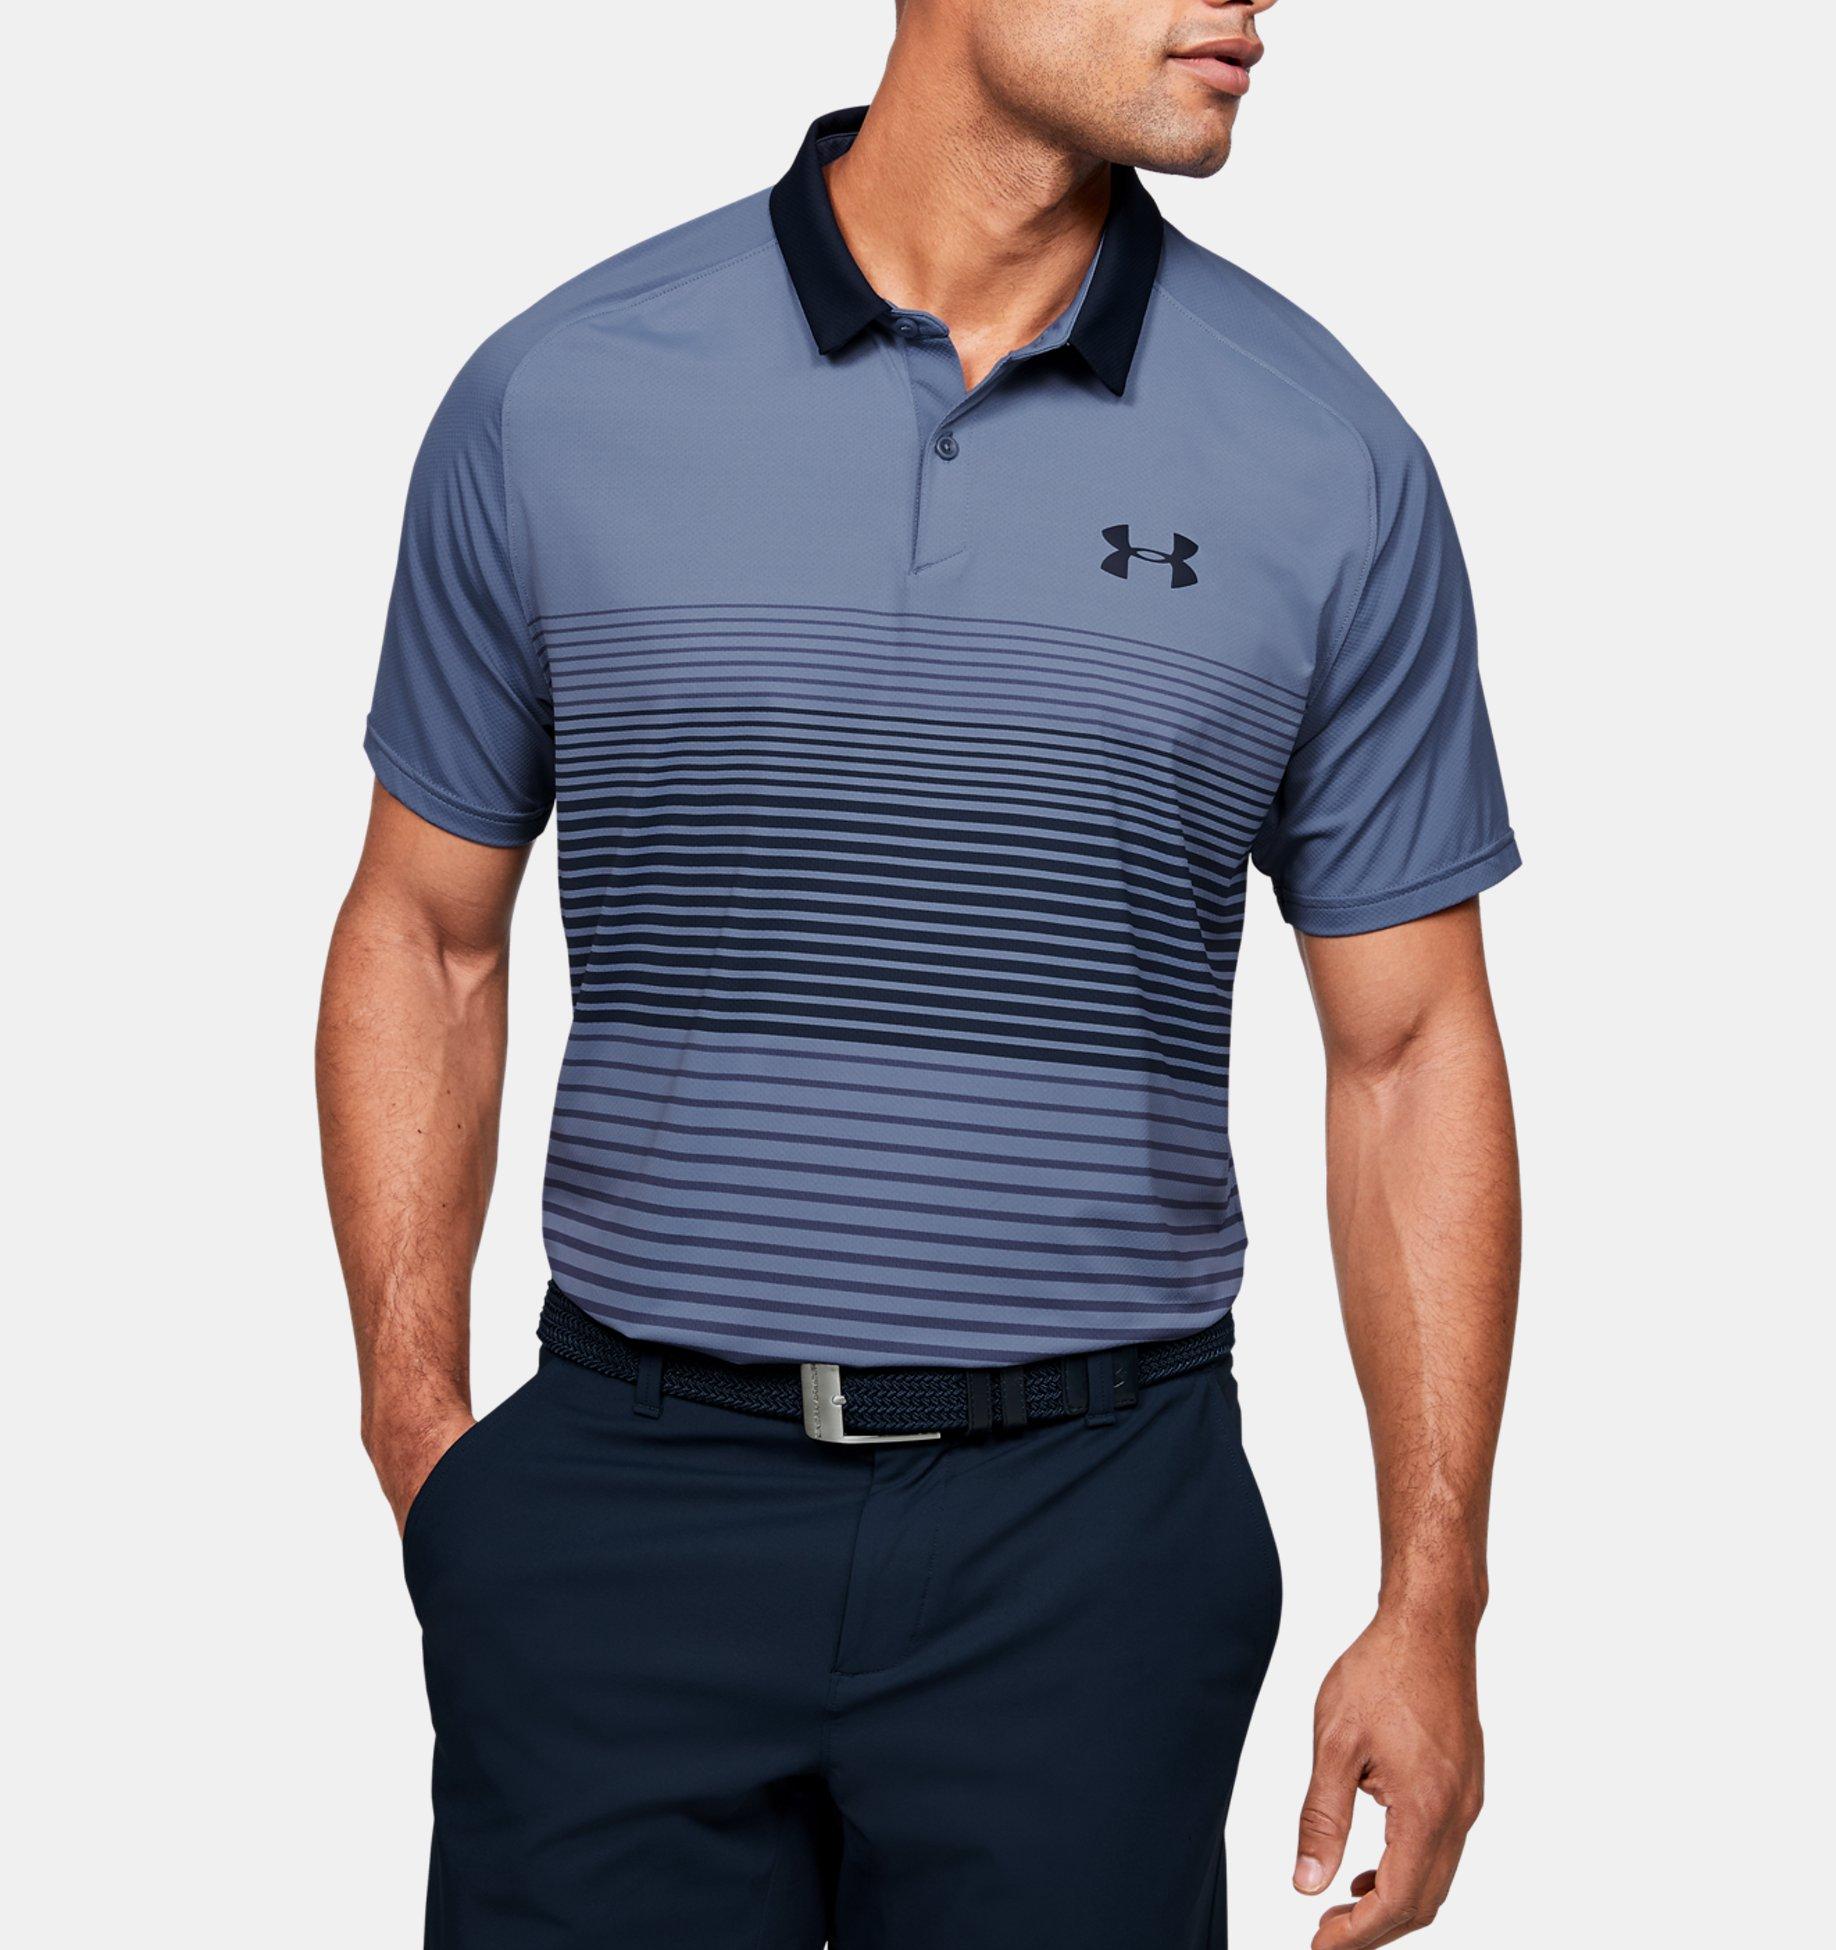 Underarmour Mens UA Iso-Chill Polo Stripe